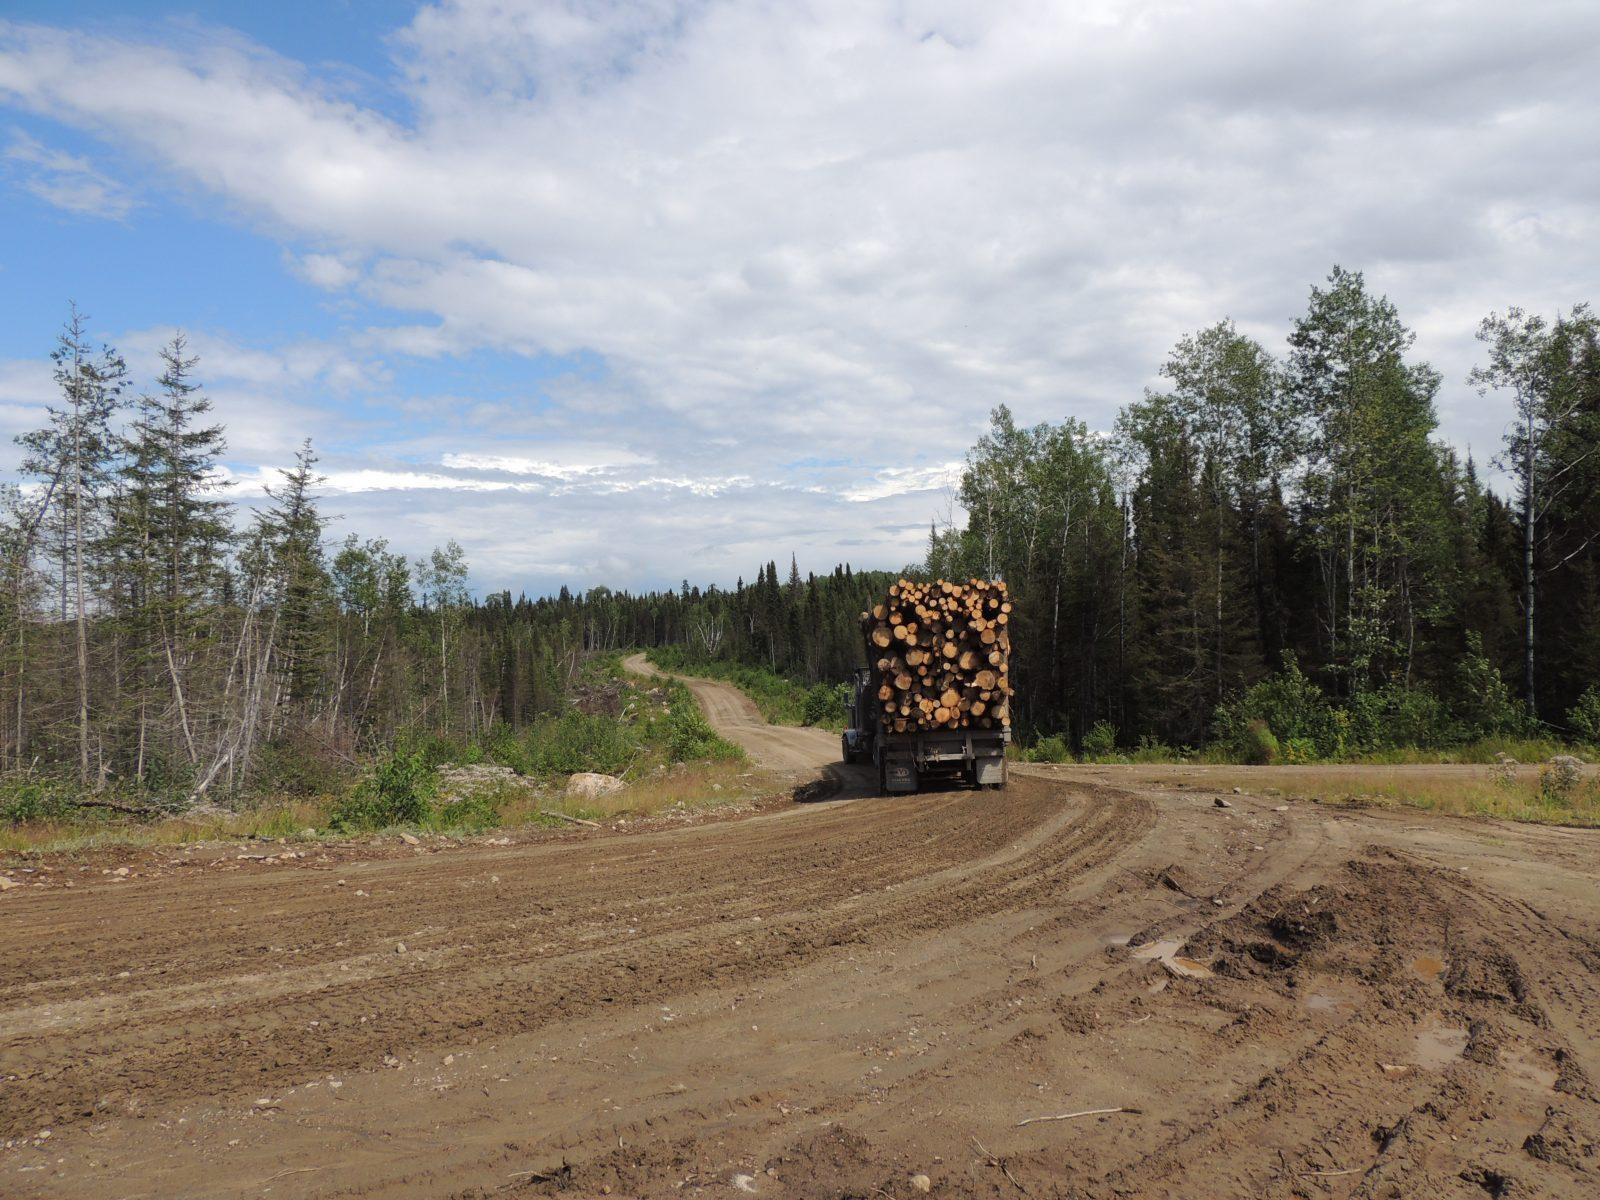 Chemins forestiers : Québec doit s'impliquer financièrement, croit la MRC